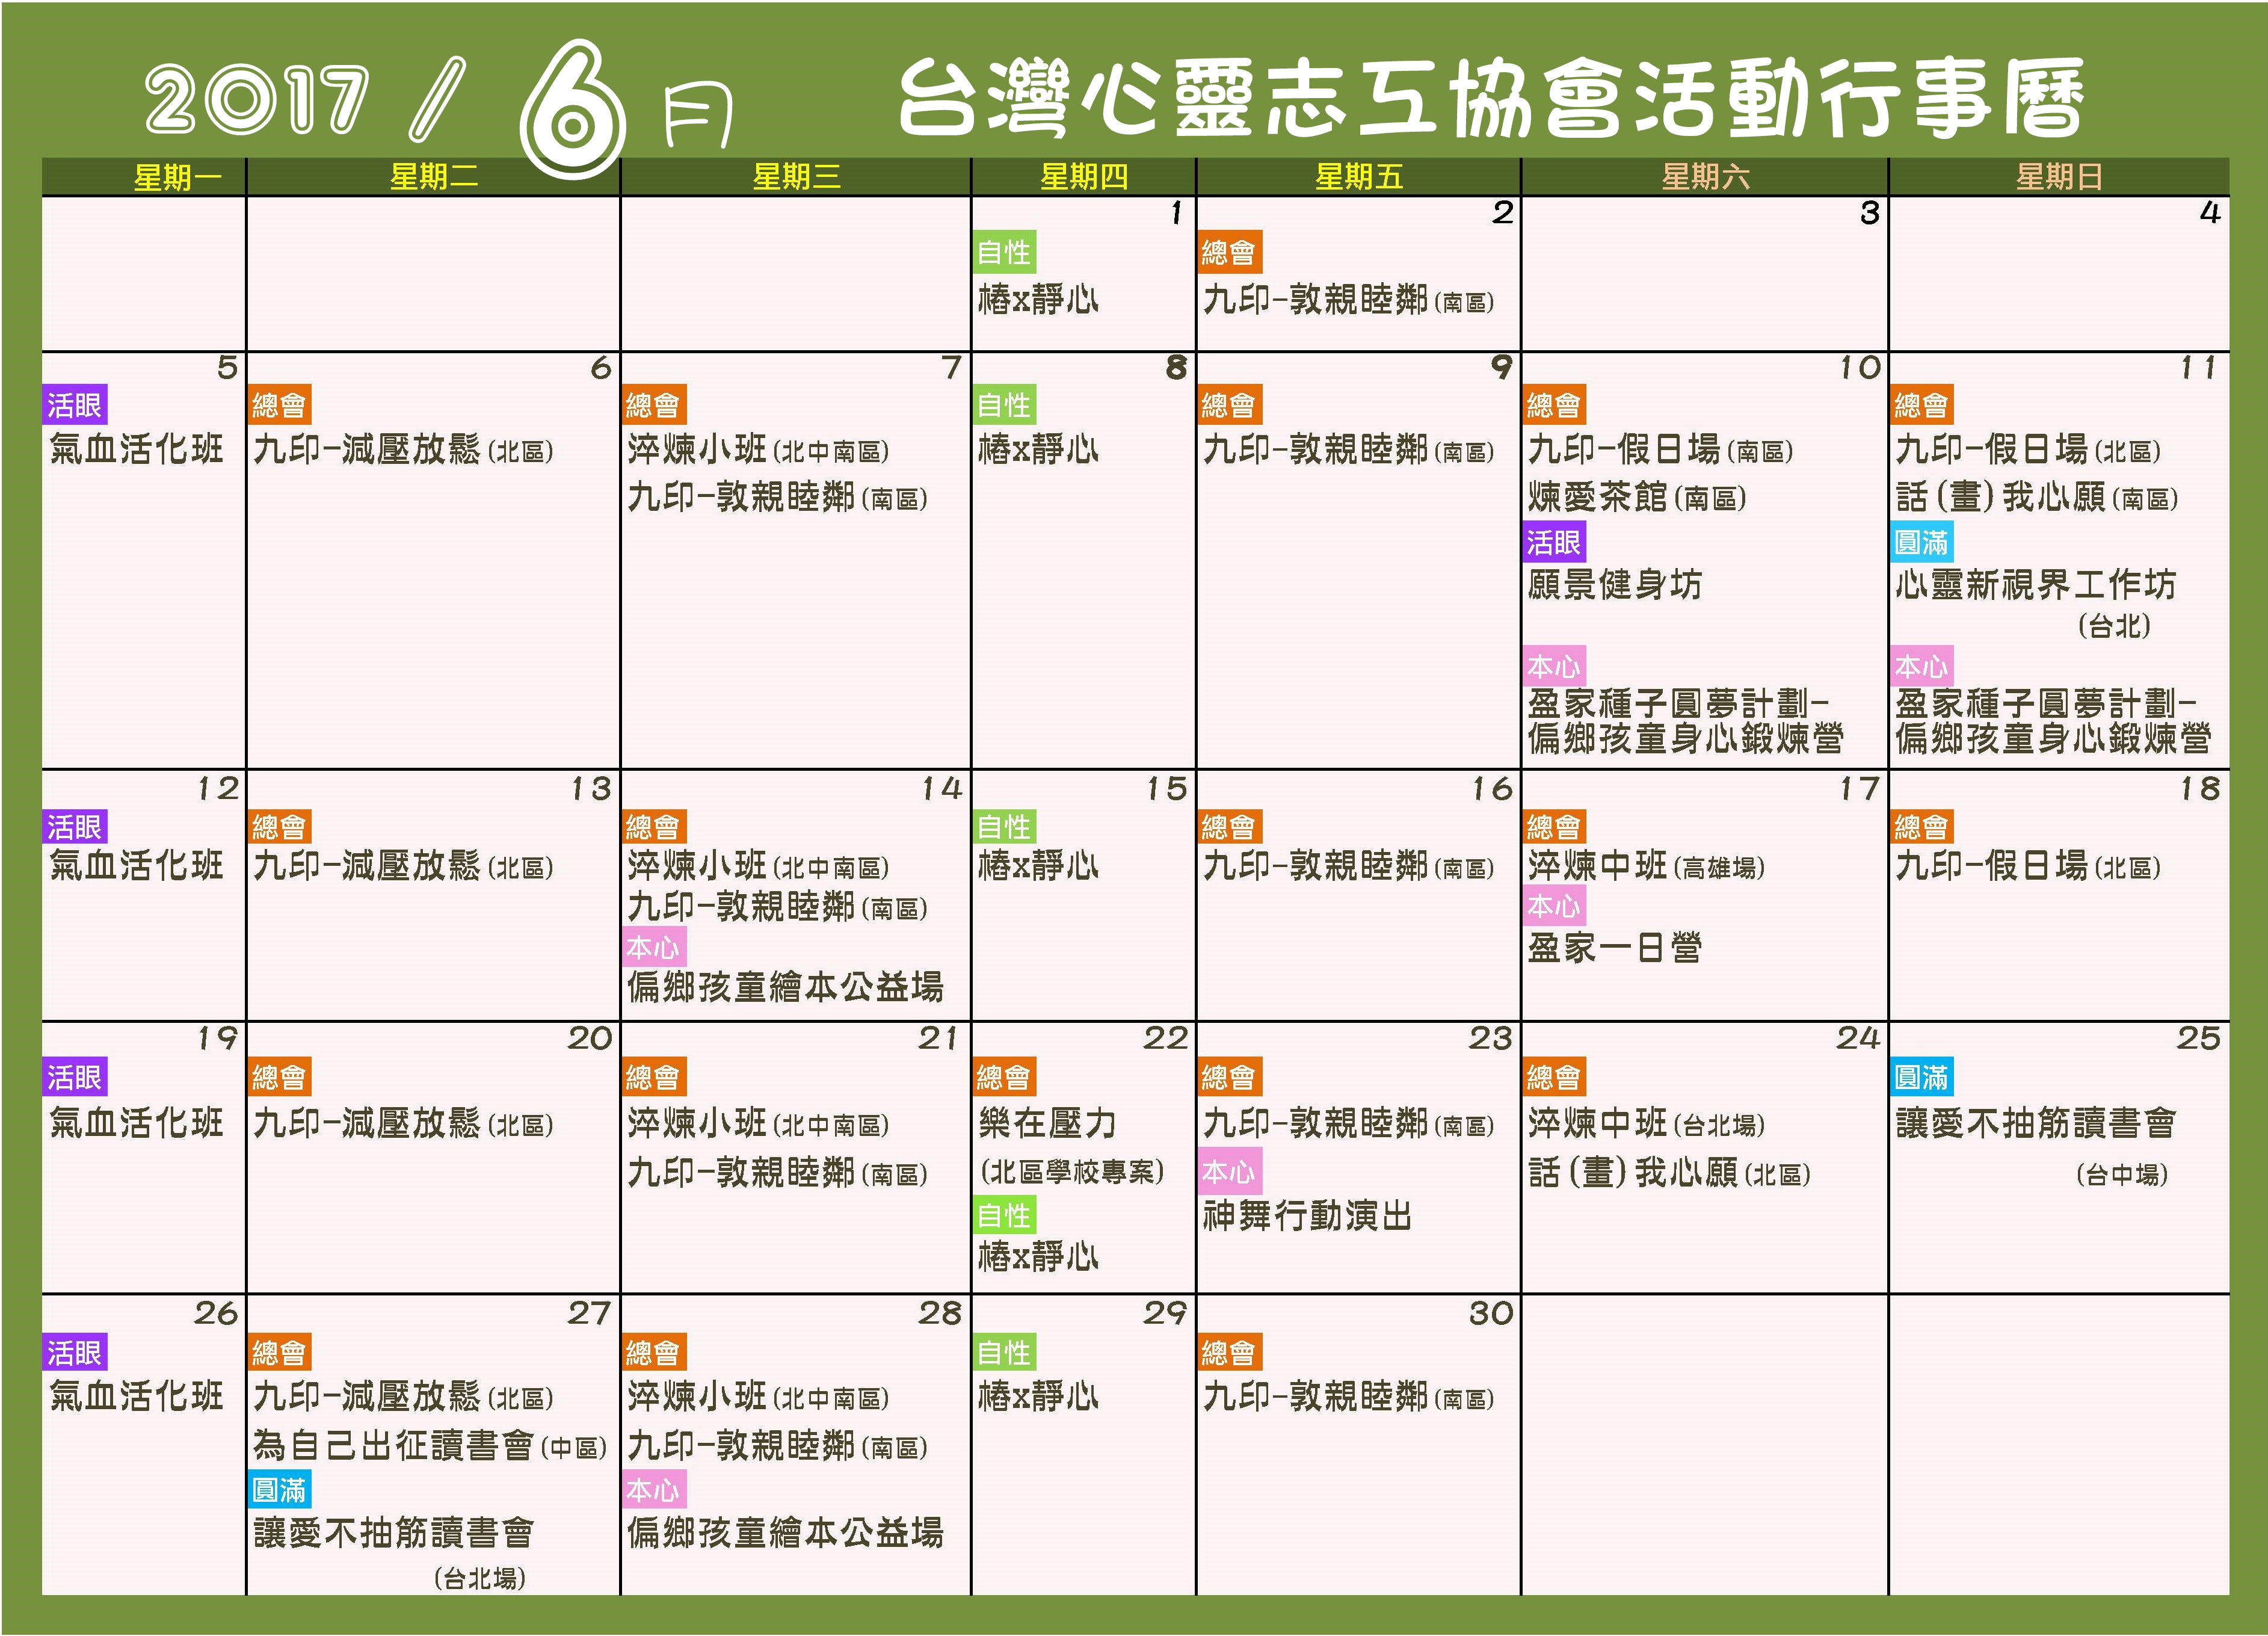 2017-6月活動行事曆   臺灣心靈志工協會